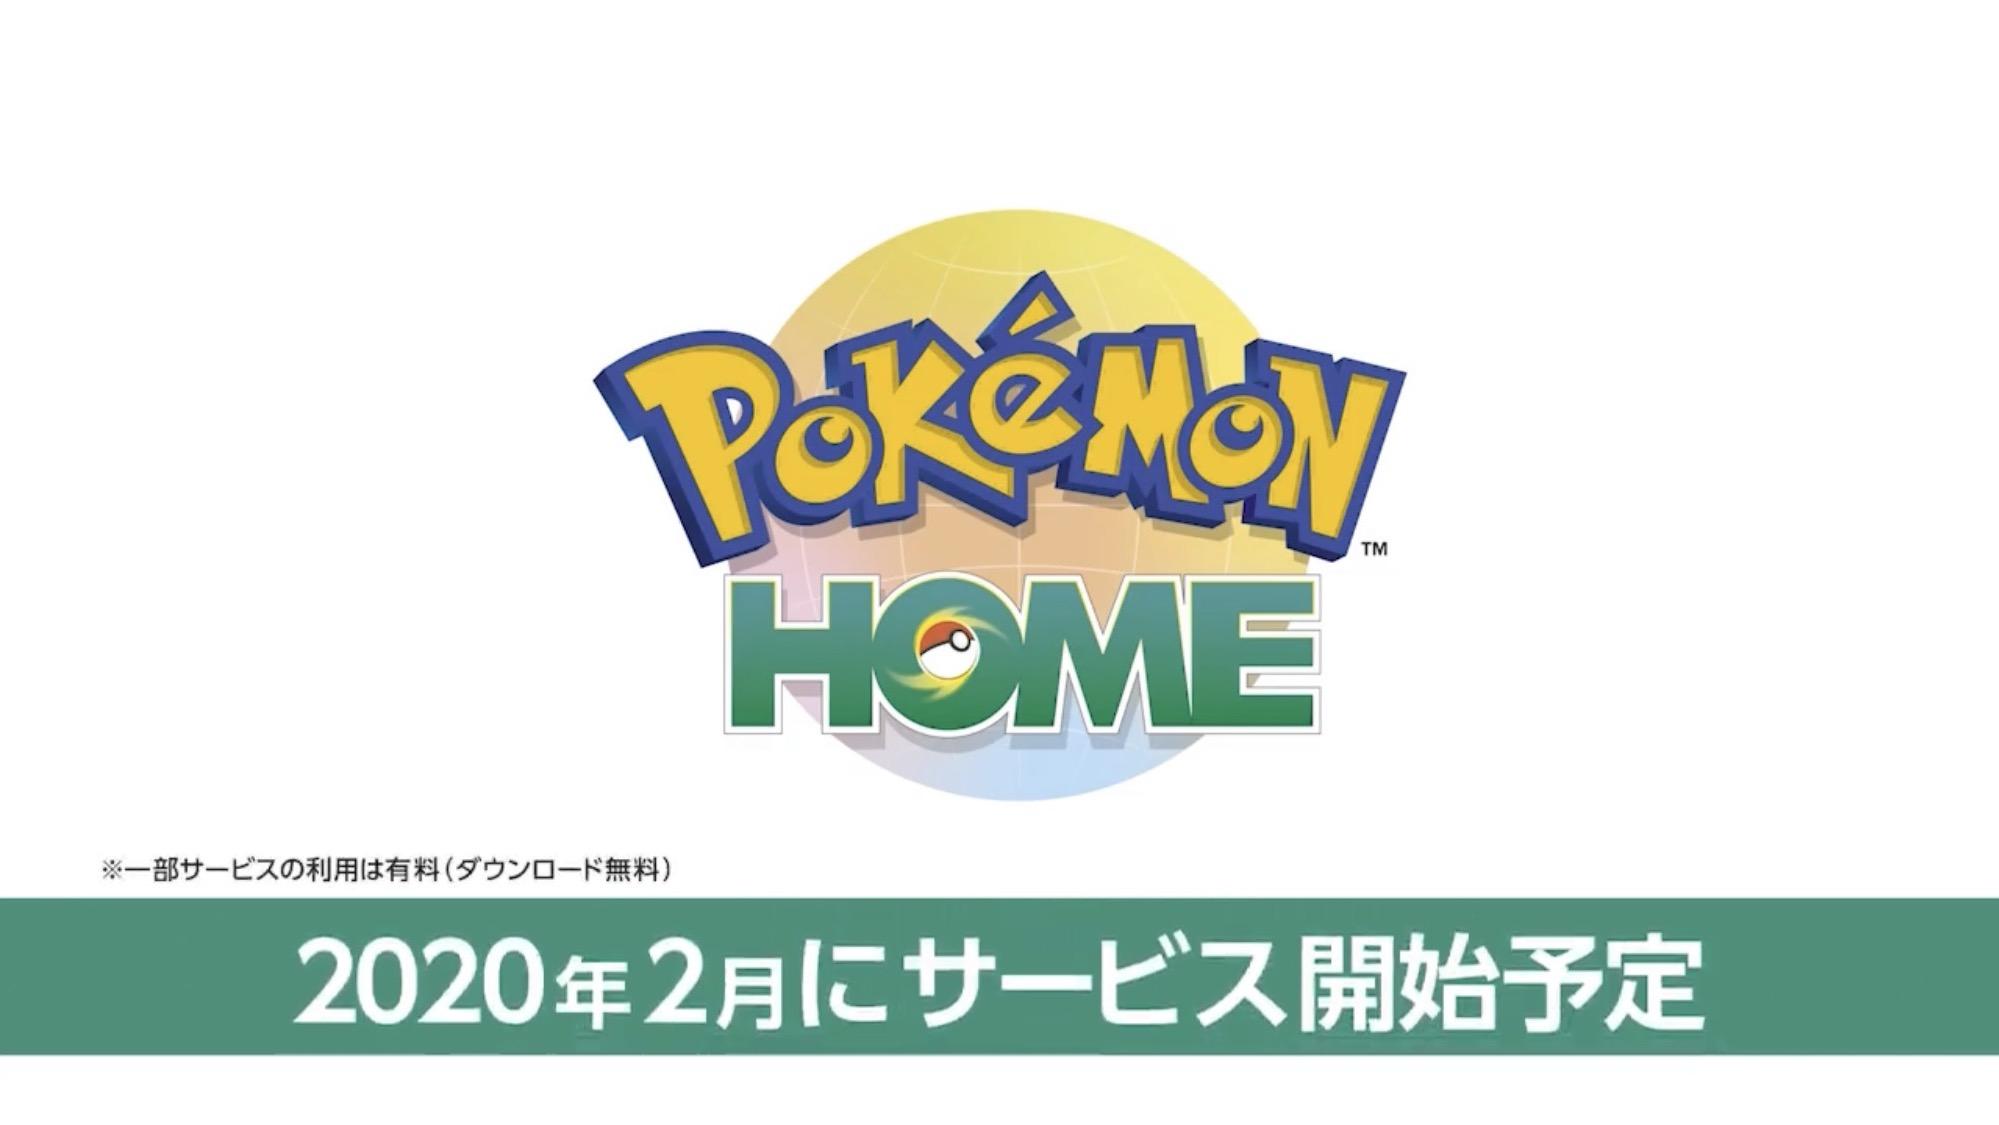 速報:「ポケモンHOME」のサービス開始時期は2020年2月に